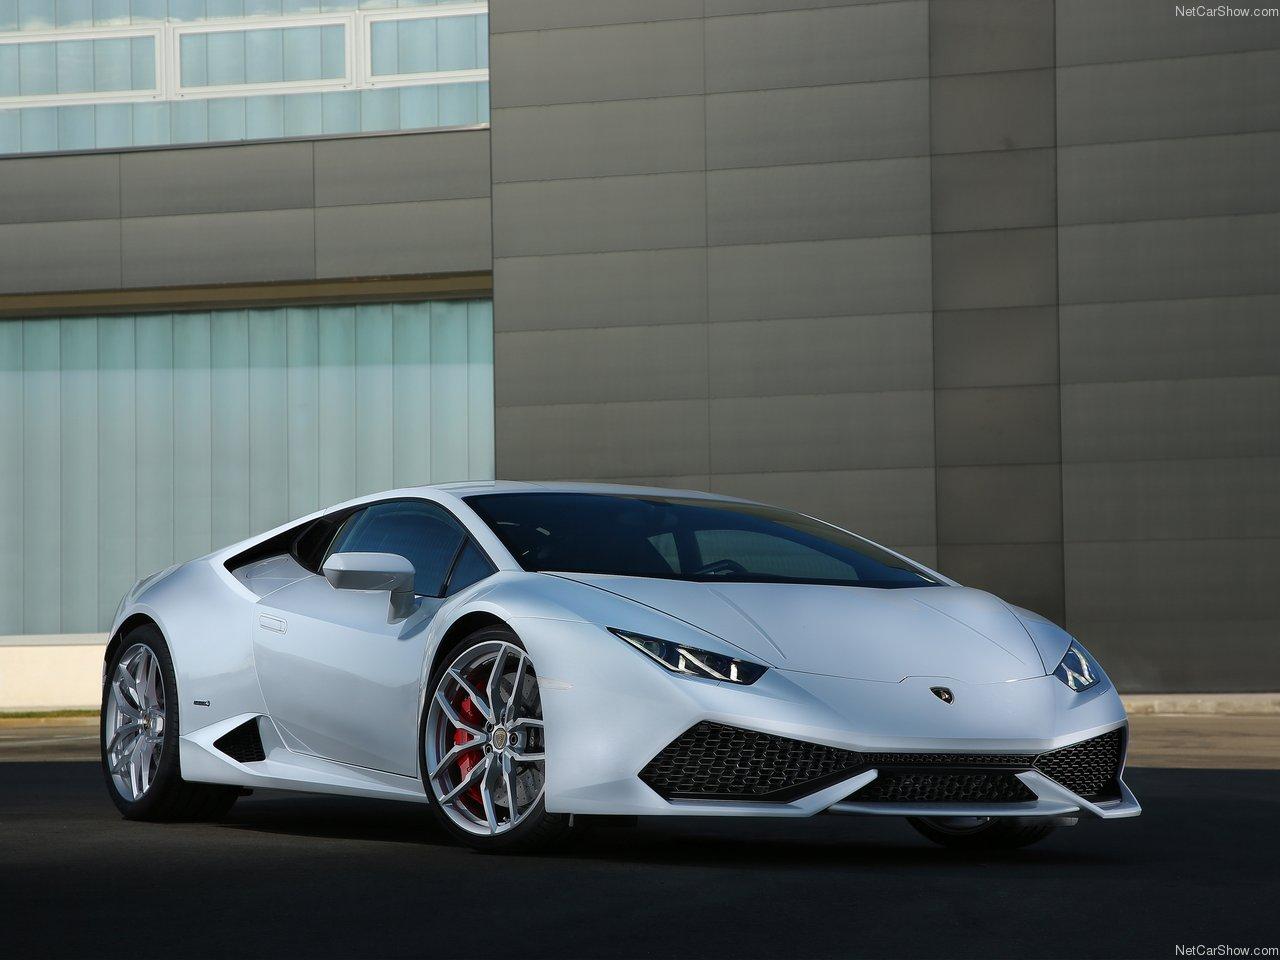 Lamborghini Huracan Lp610 4 2015 1280 03